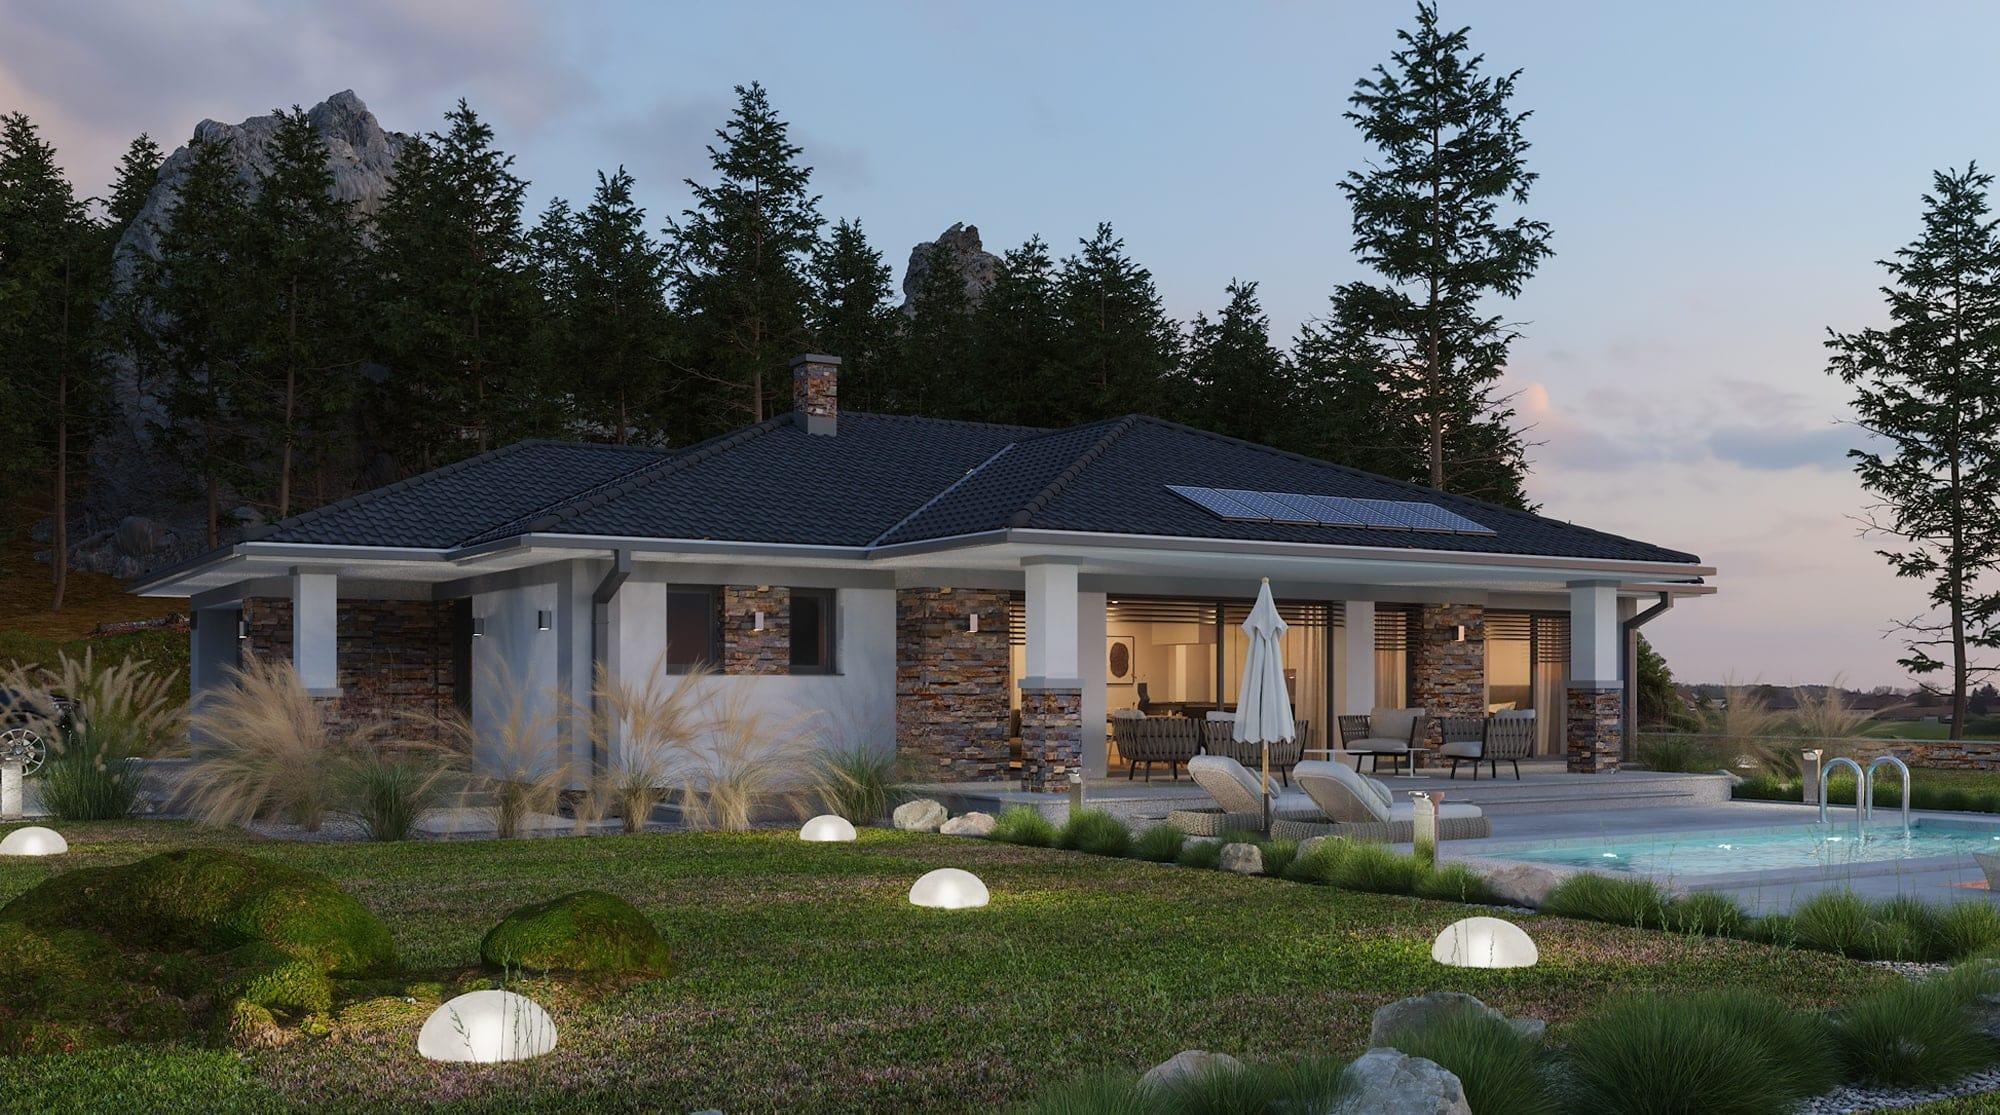 projekt rodinného domu style 237